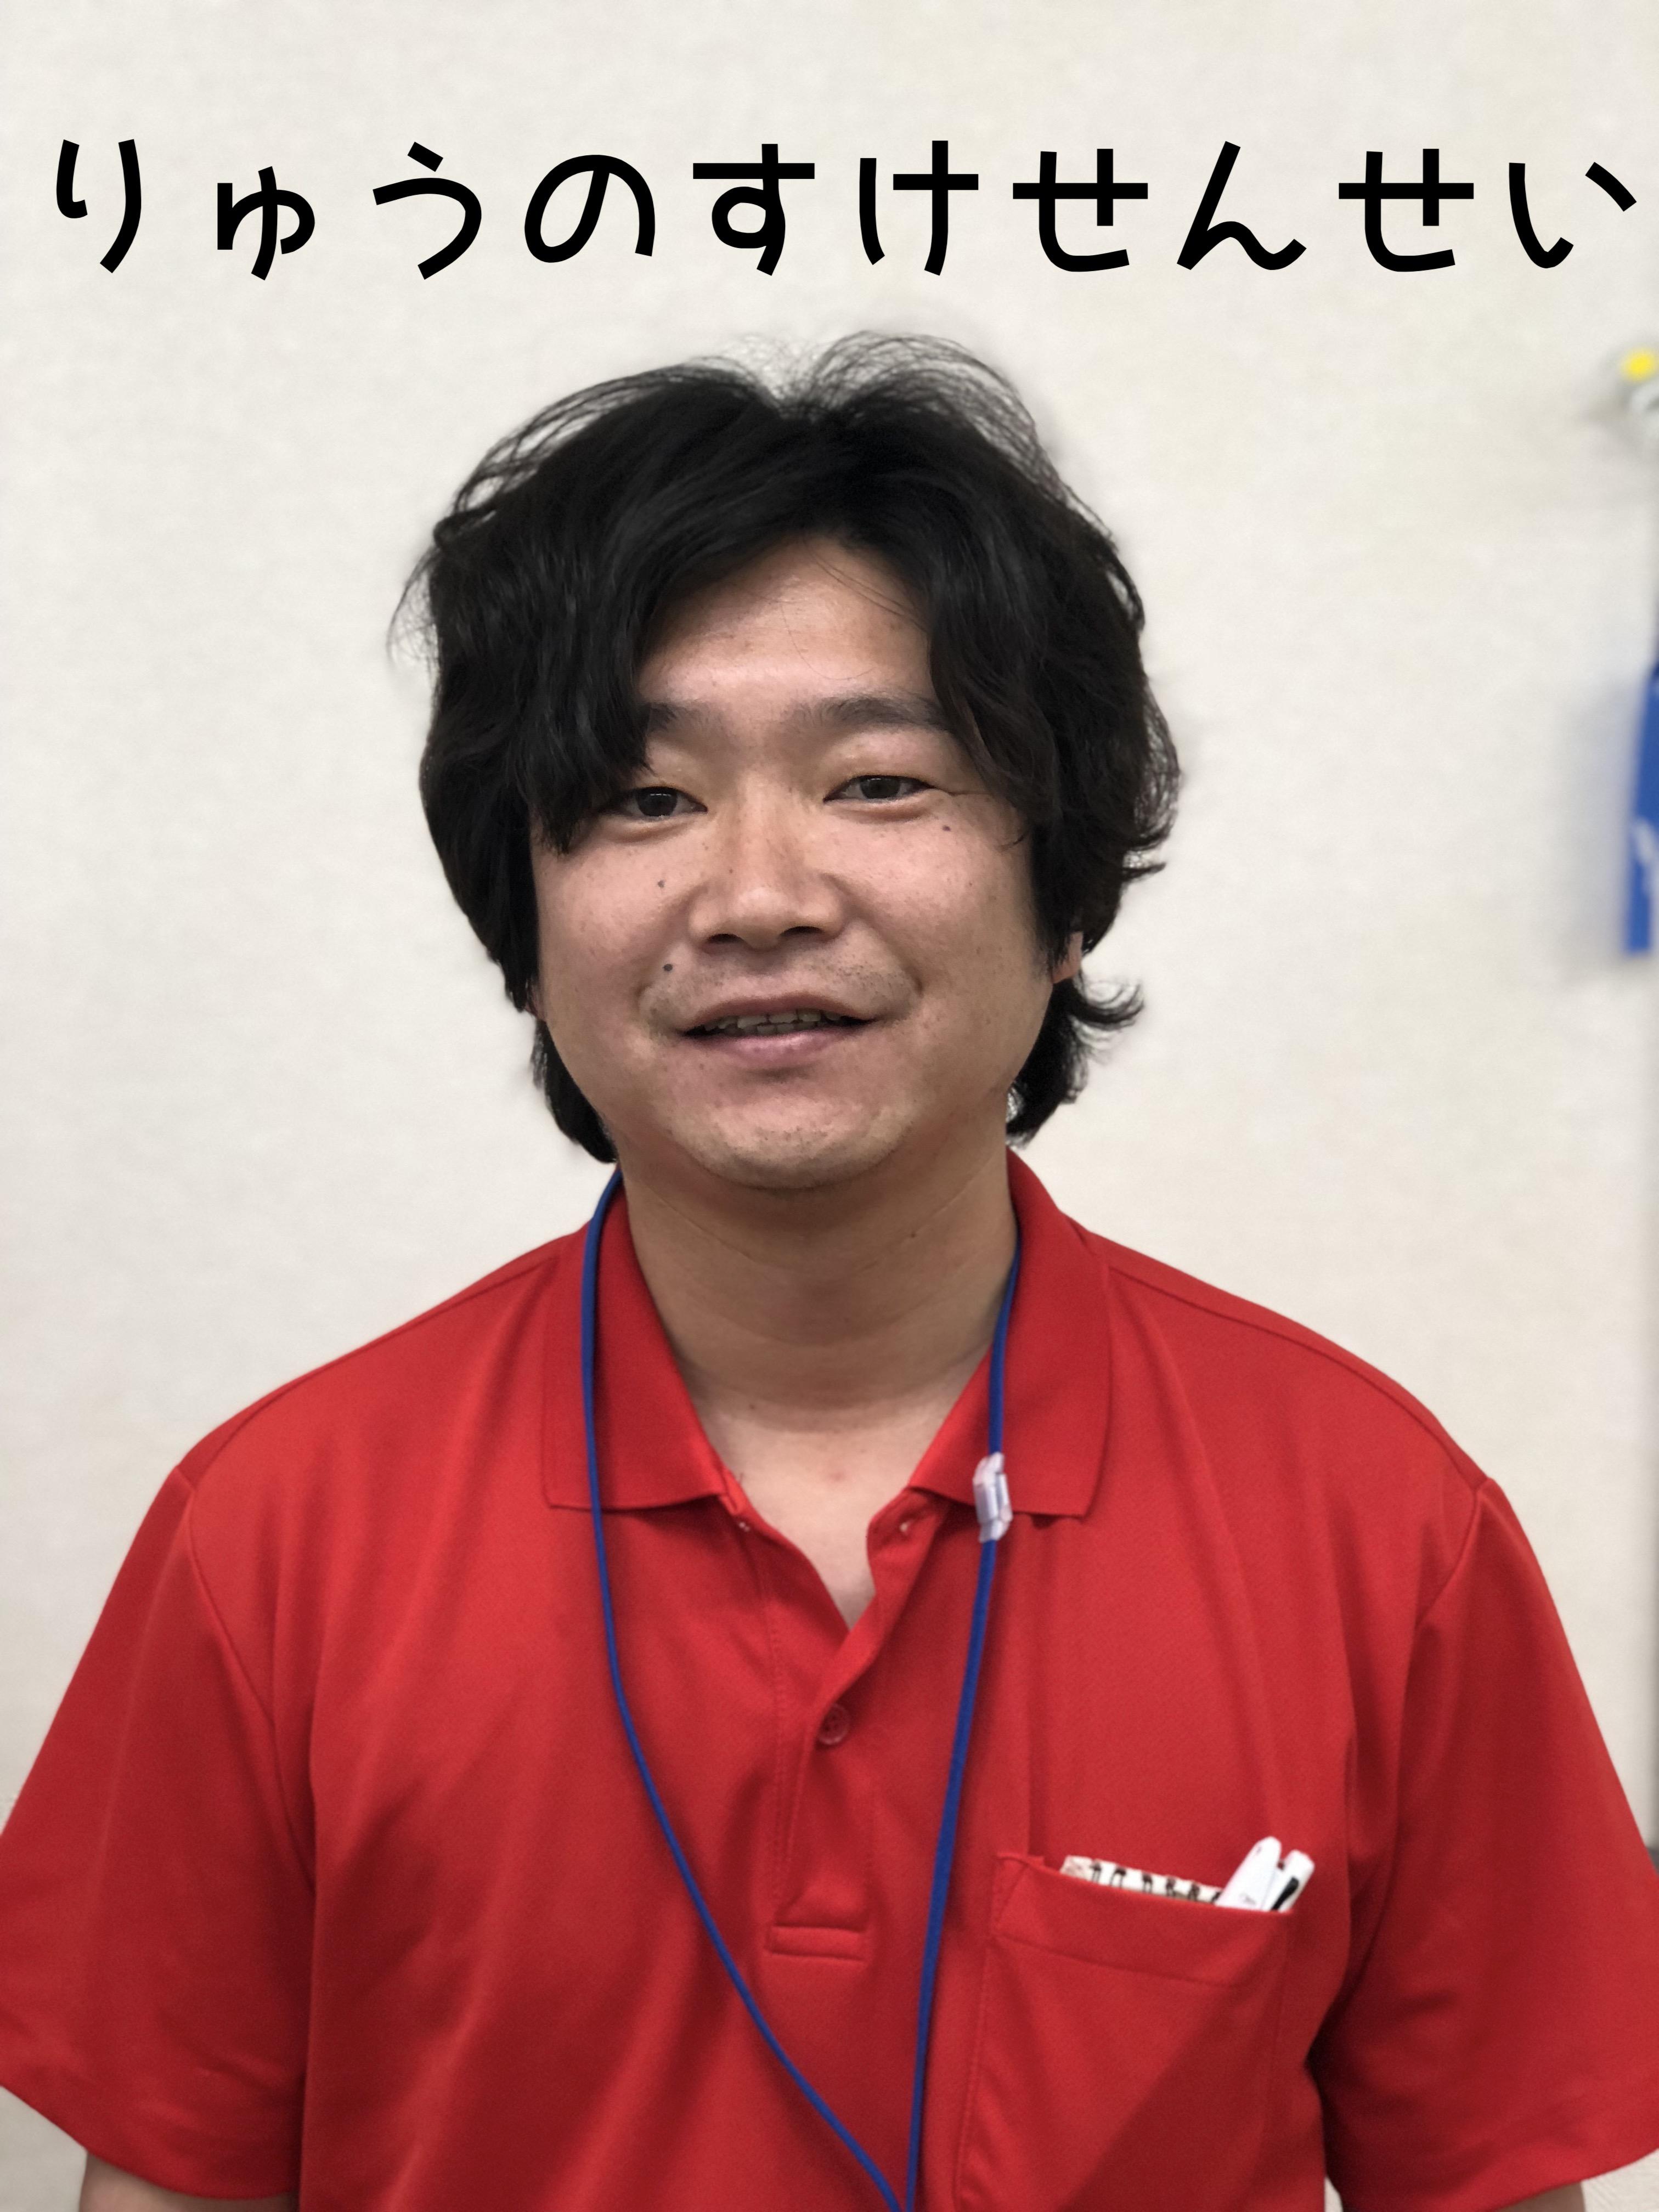 放課後デイ:伊藤龍之介(りゅうのすけ)先生(児童発達支援管理責任者)